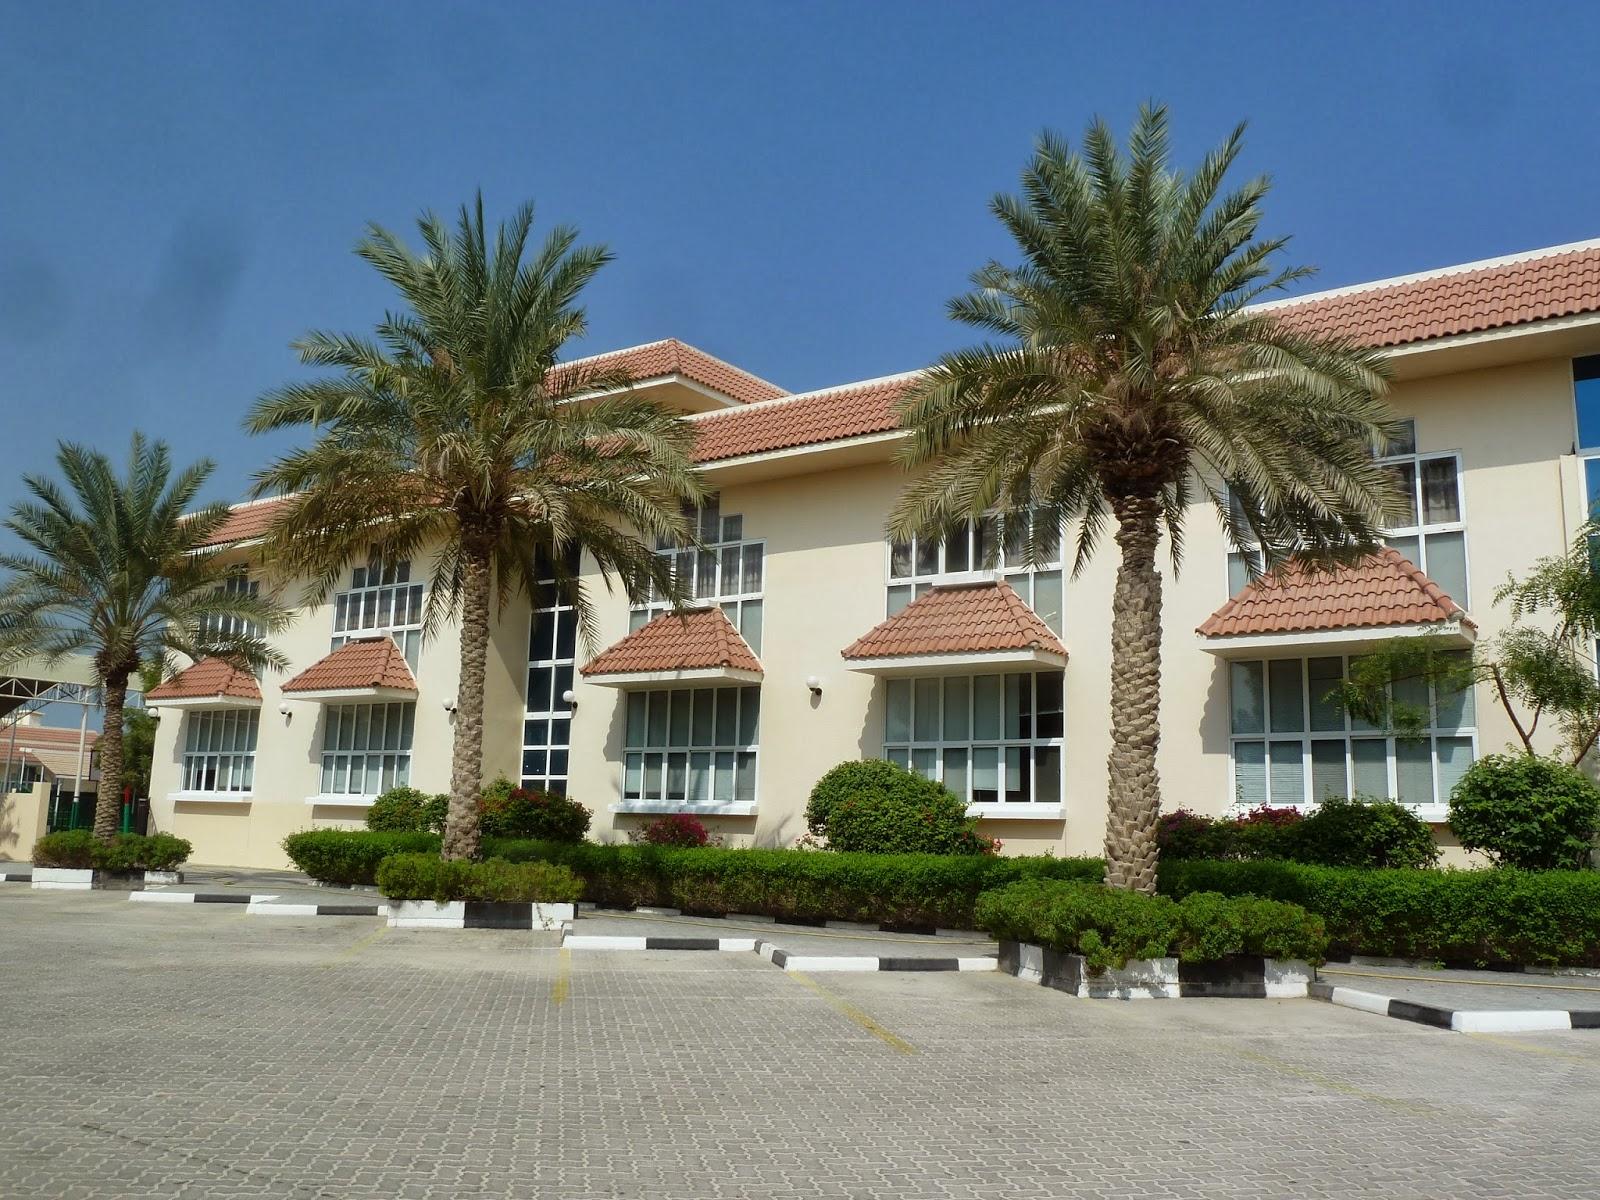 150 polskich dzieci rozpoczęło dzisiaj naukę w szkole polskiej w Dubaju